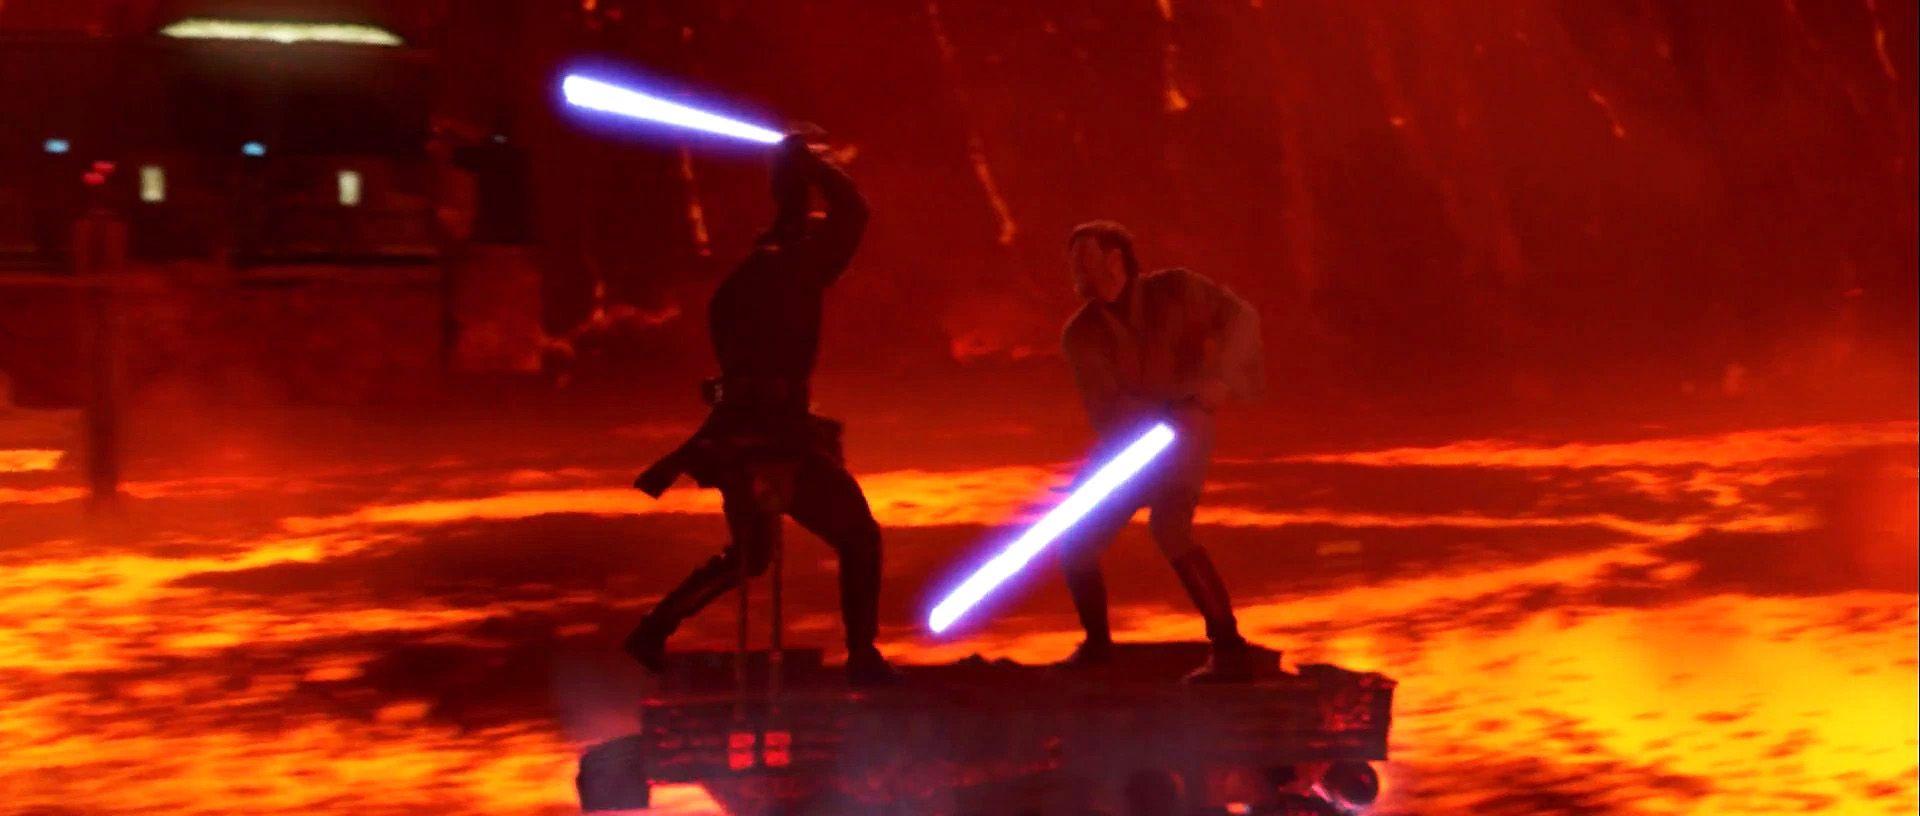 Anakin Vs Obi Wan Wallpaper Star Wars Movies Ranked Obi Wan